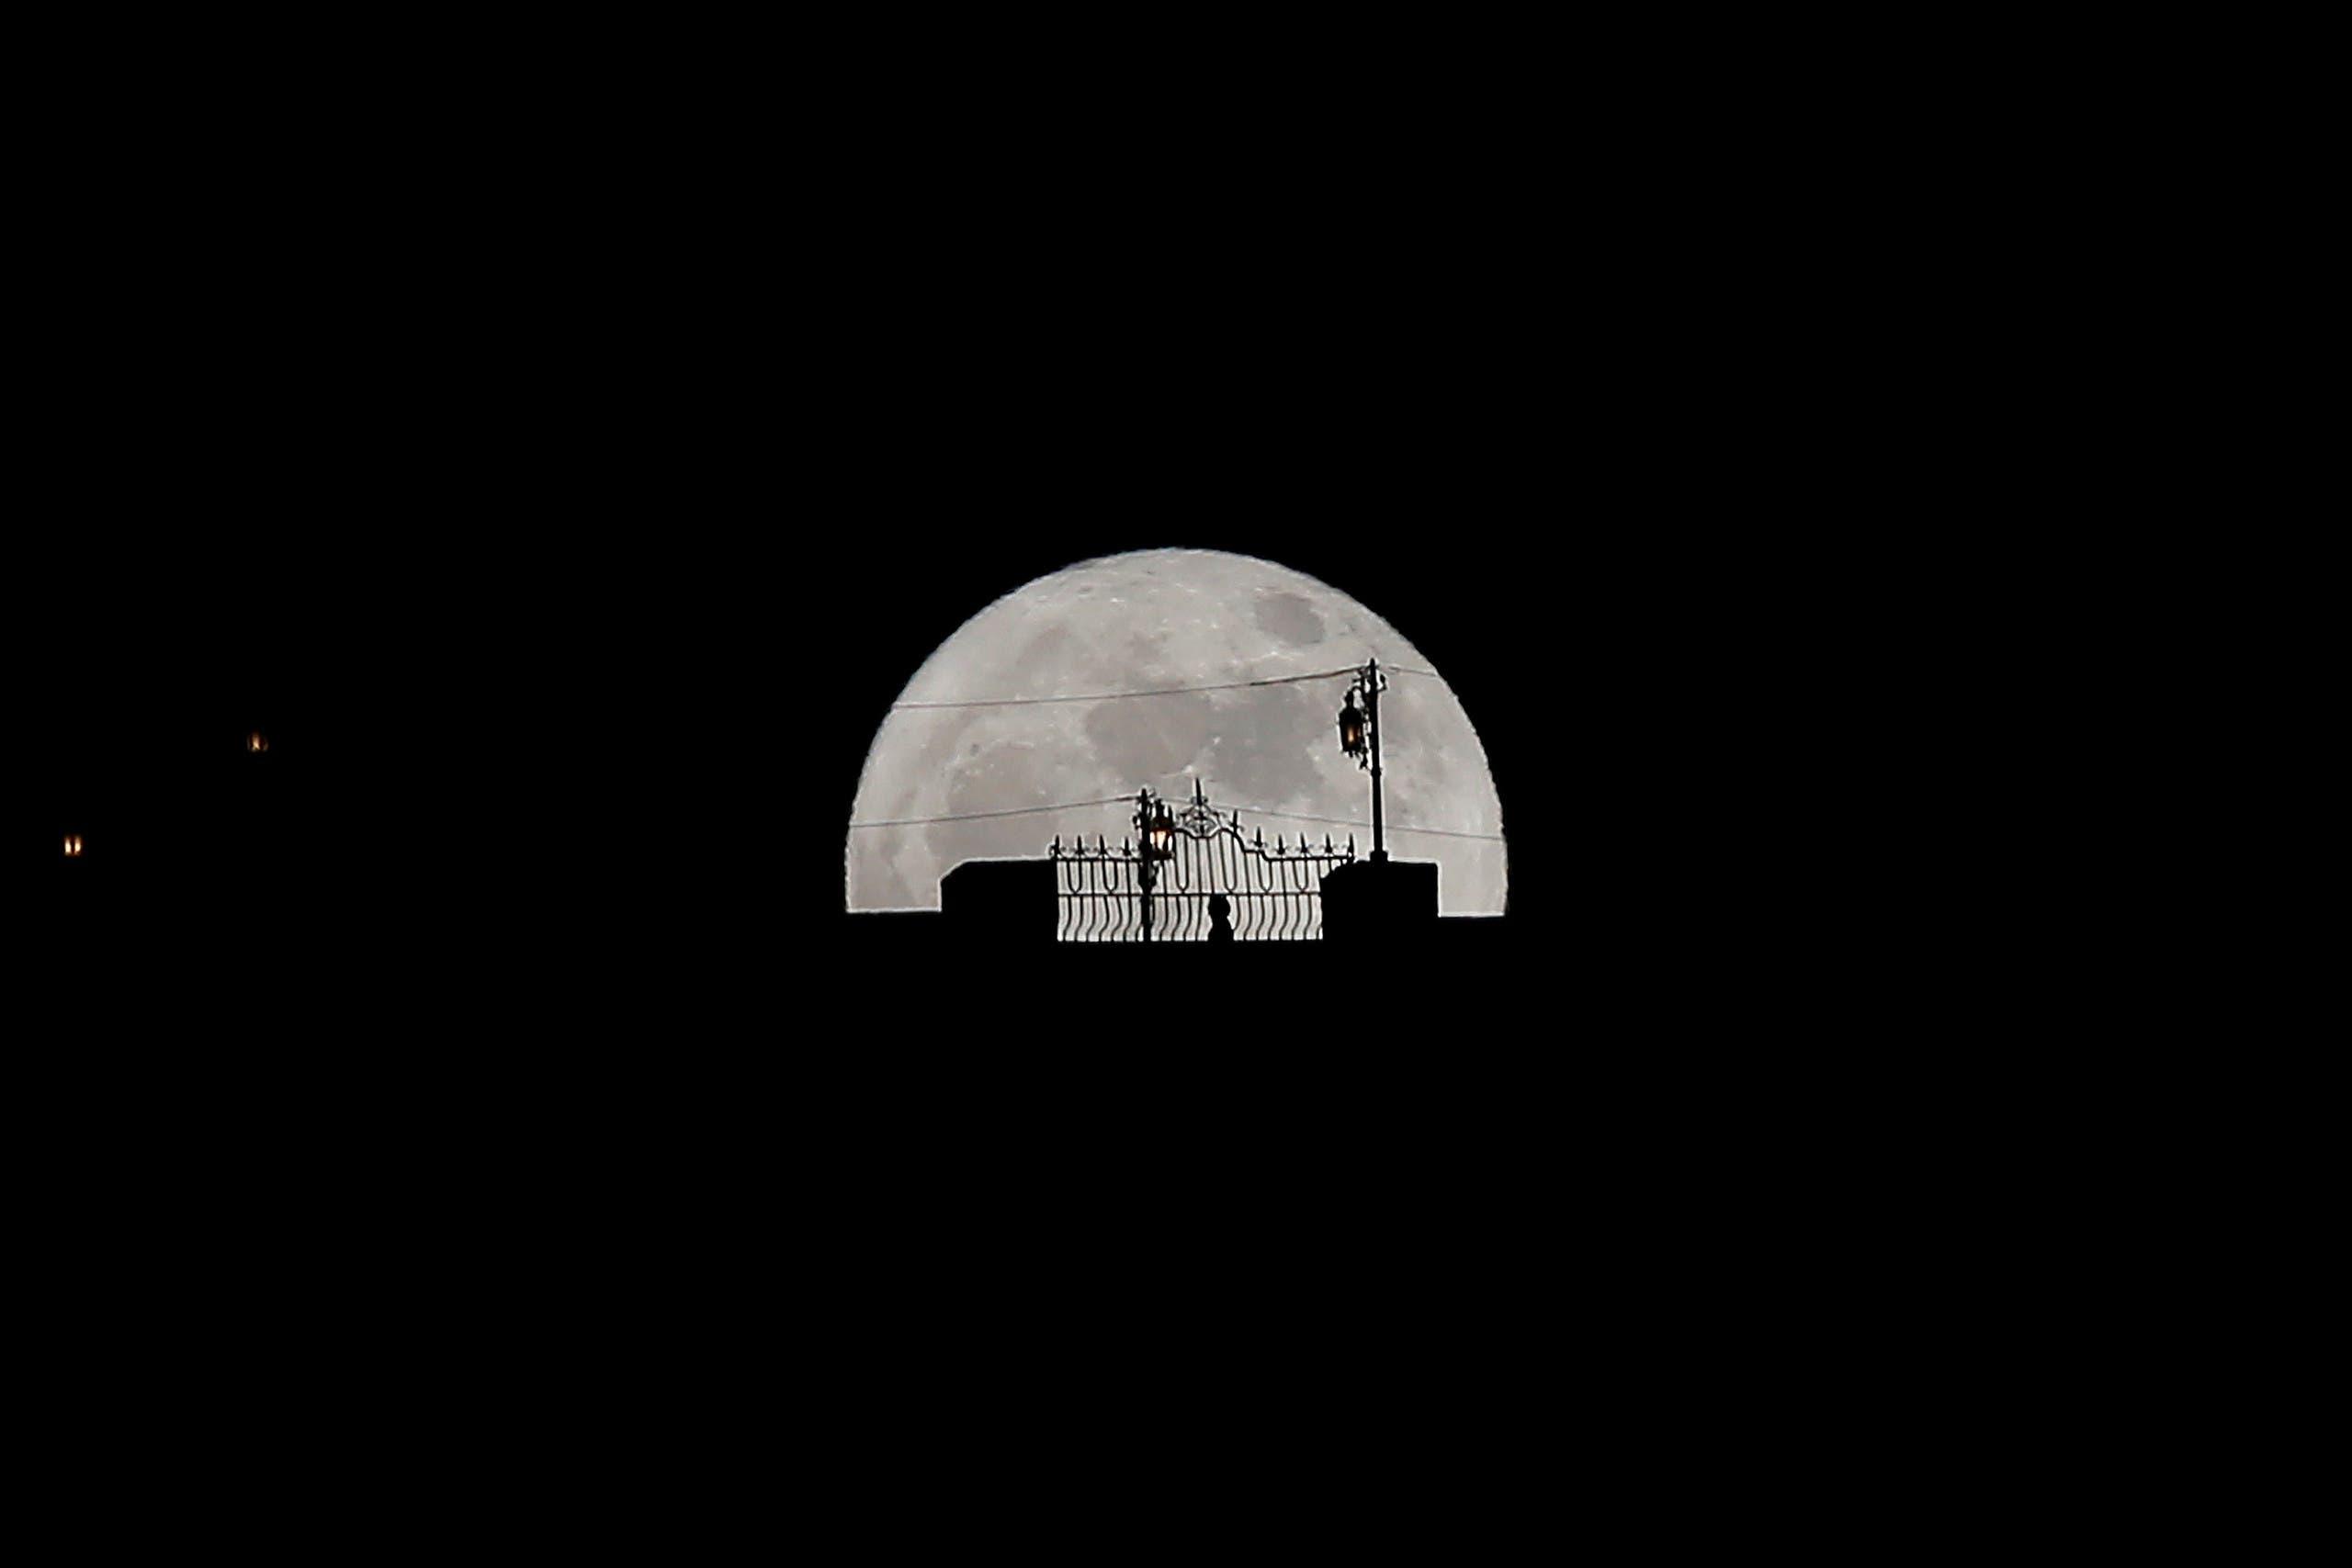 رصد القمر العملاق في سماء إسبانيا